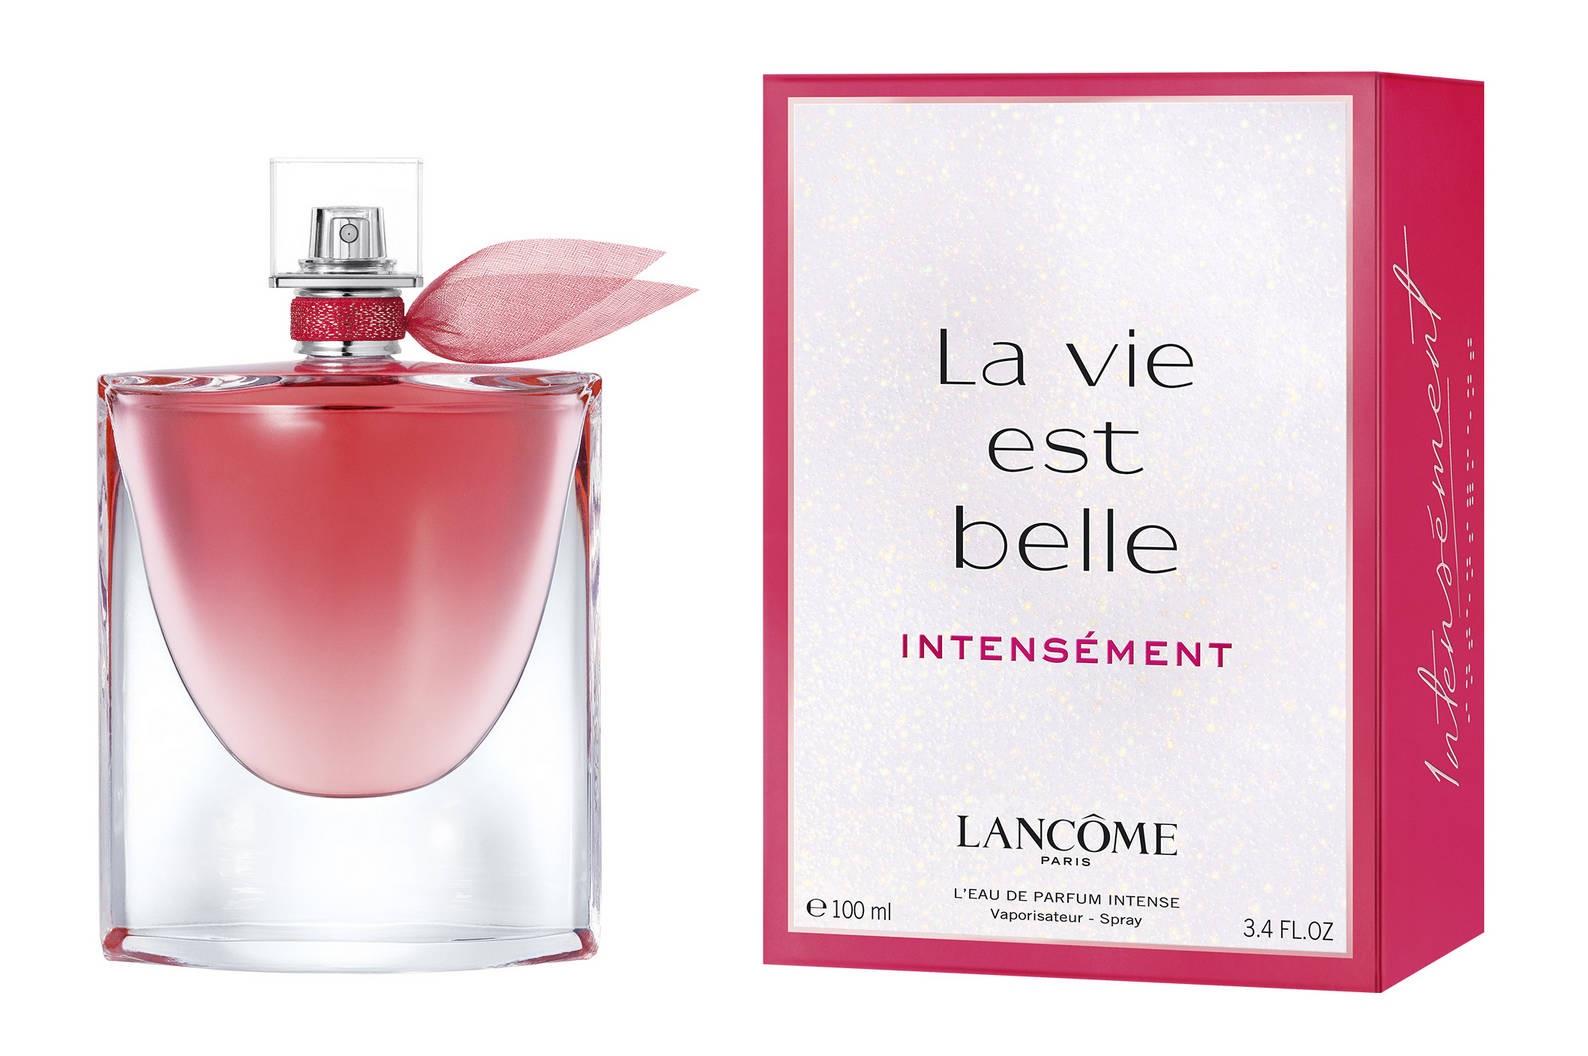 Lancome La Vie Est Belle Intensement 100 mL